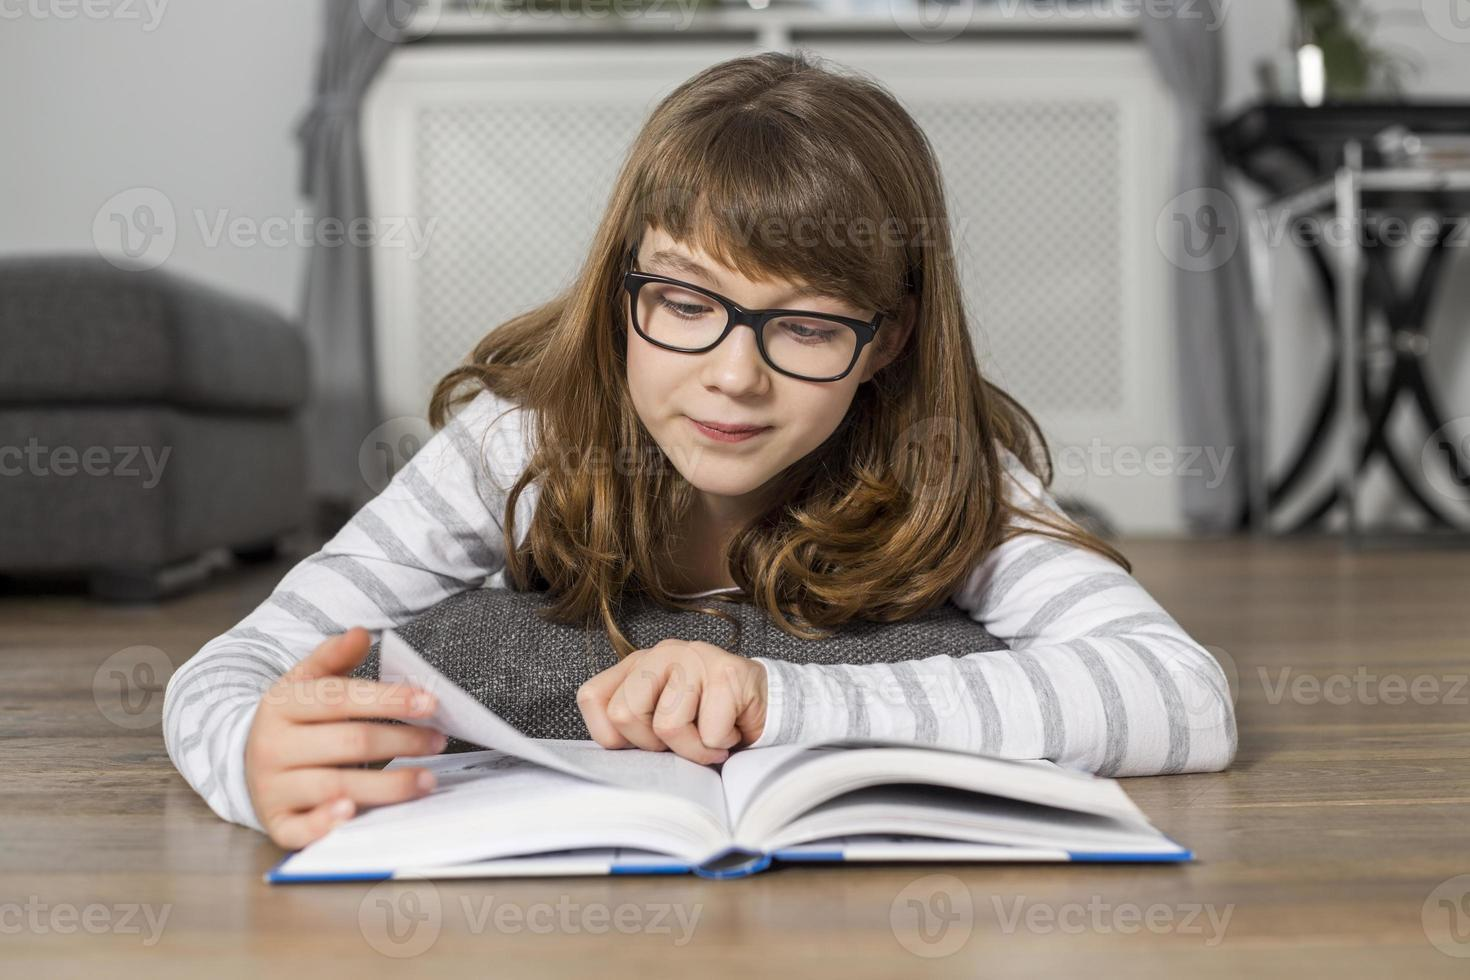 adolescente lendo livro enquanto estava deitado no chão em casa foto